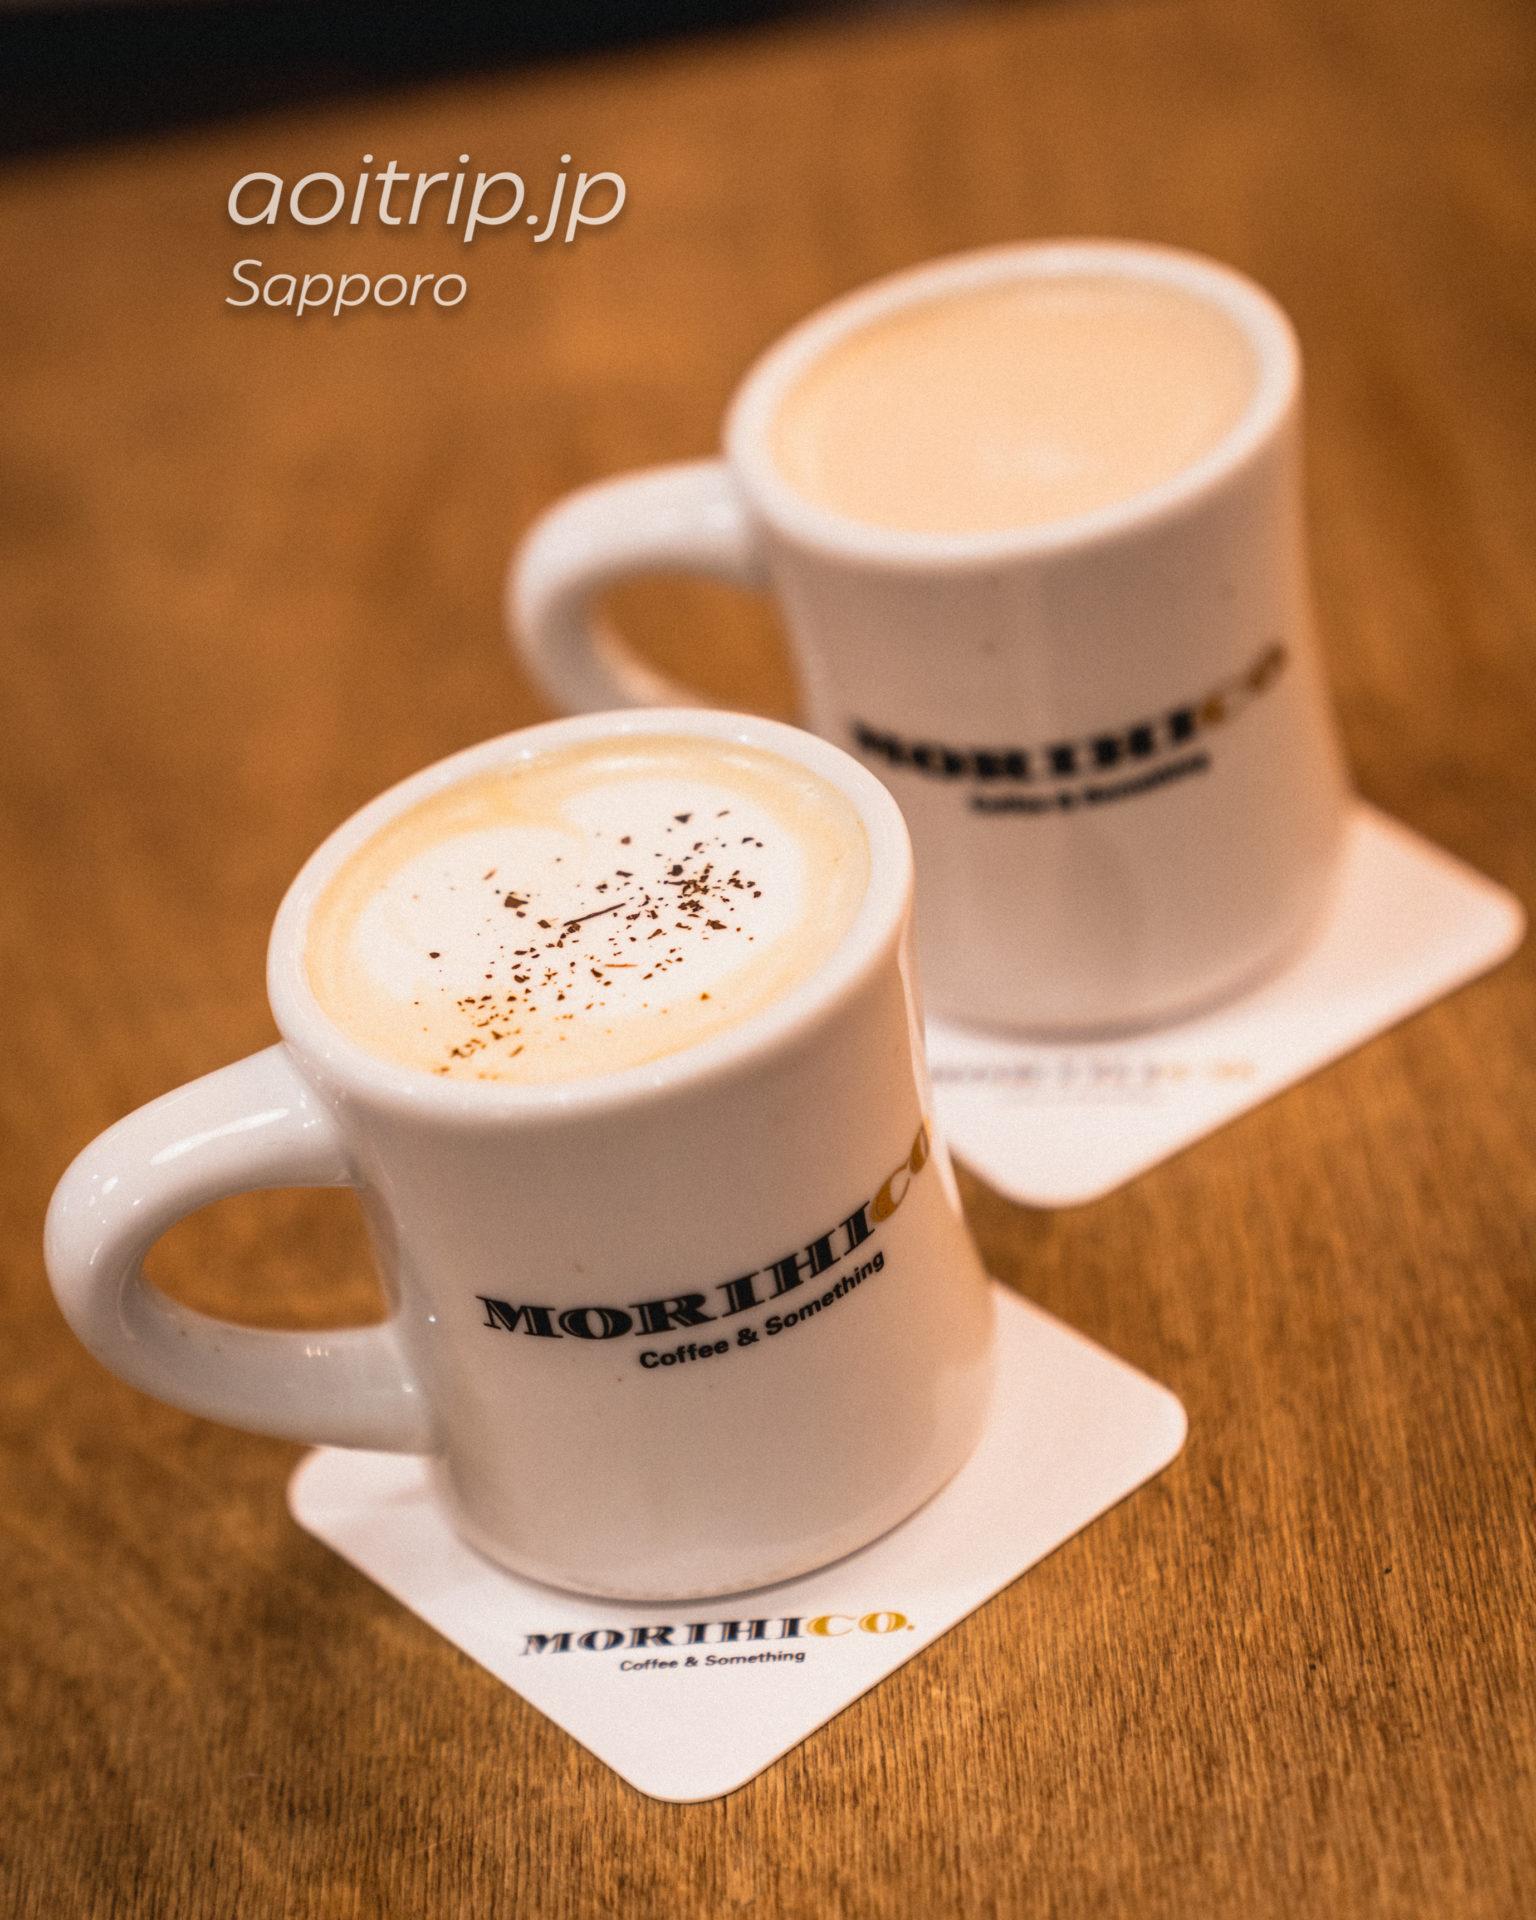 ホテル ポットマムの1Fモリヒココーヒー